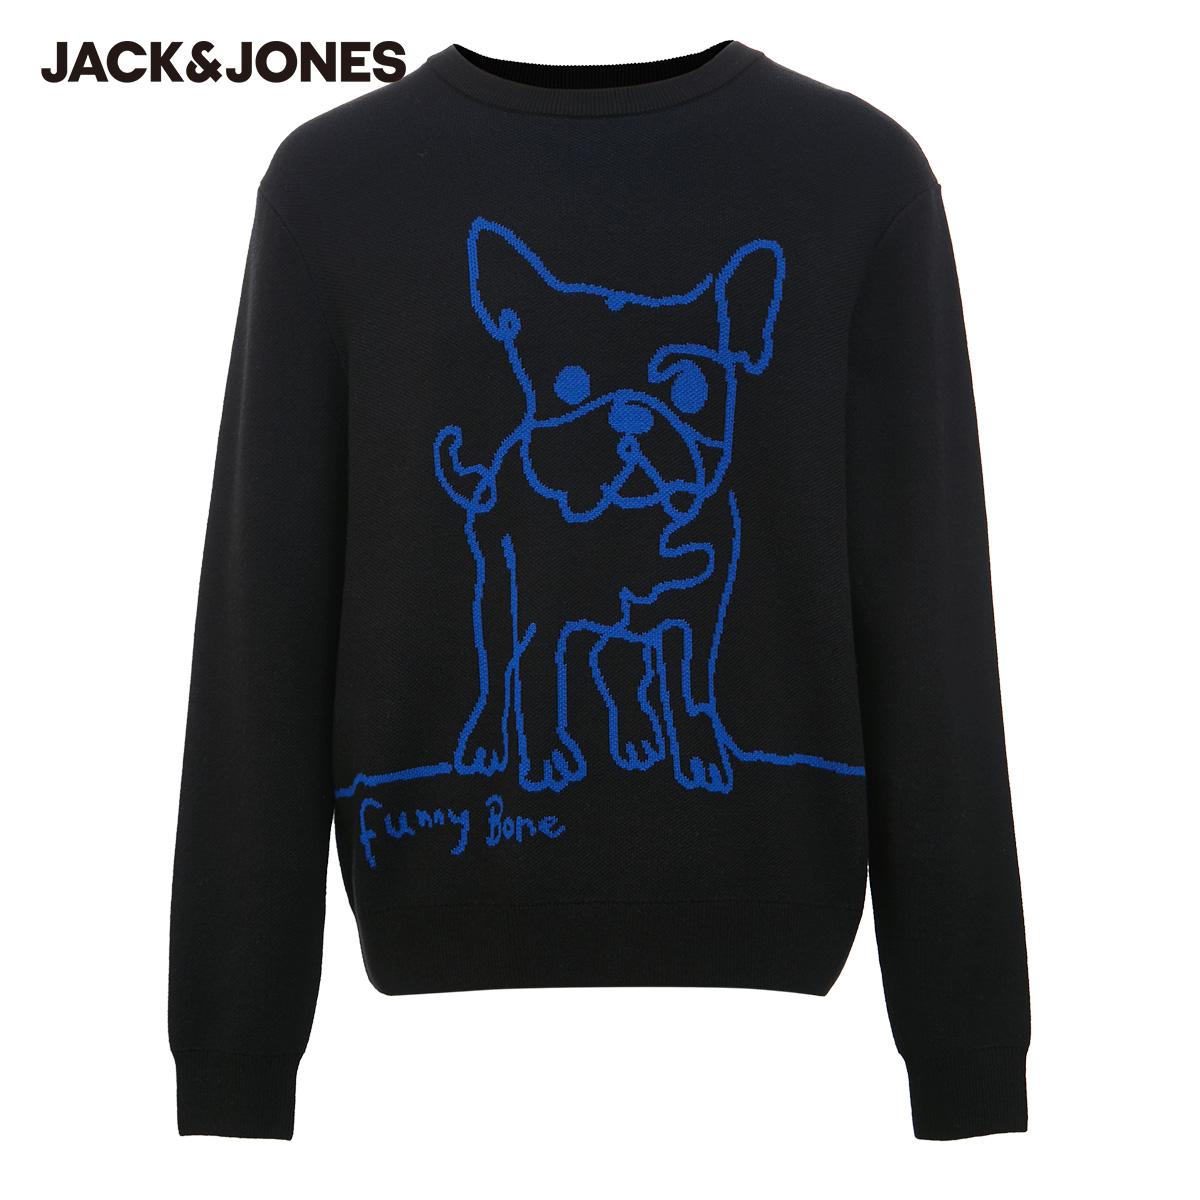 【预售】杰克琼斯冬男圆领棉线型卡通趣味图案潮针织衫220424050